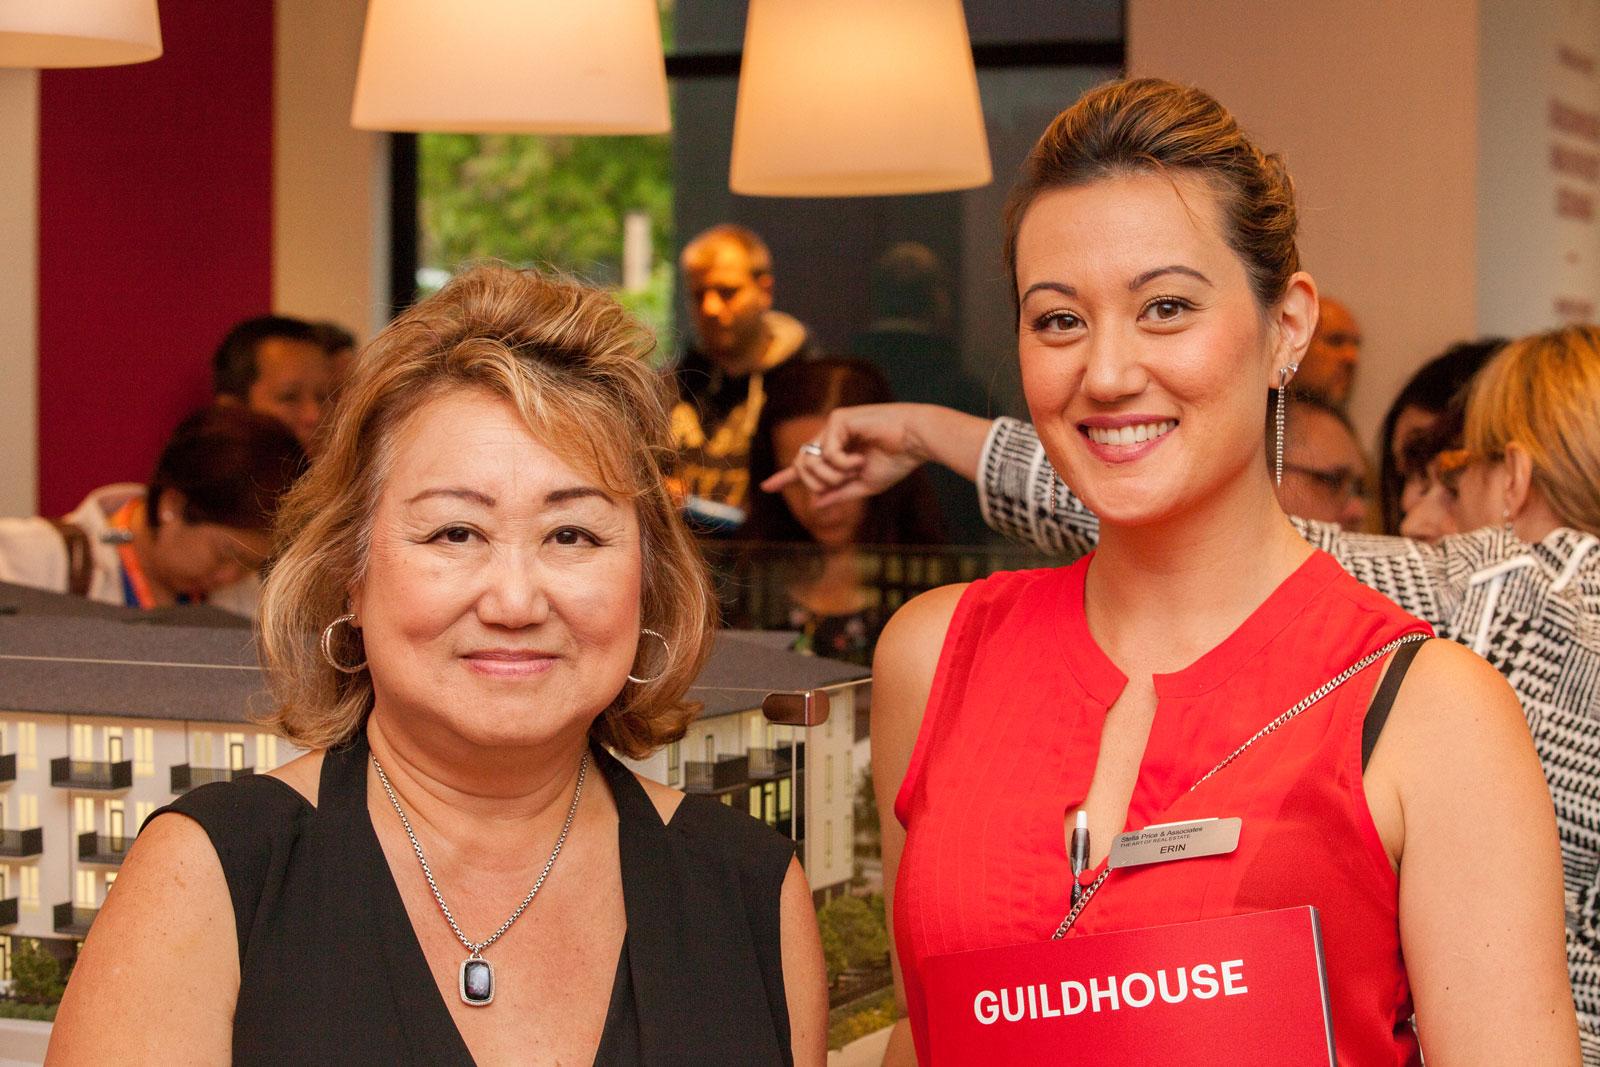 Guildhouse